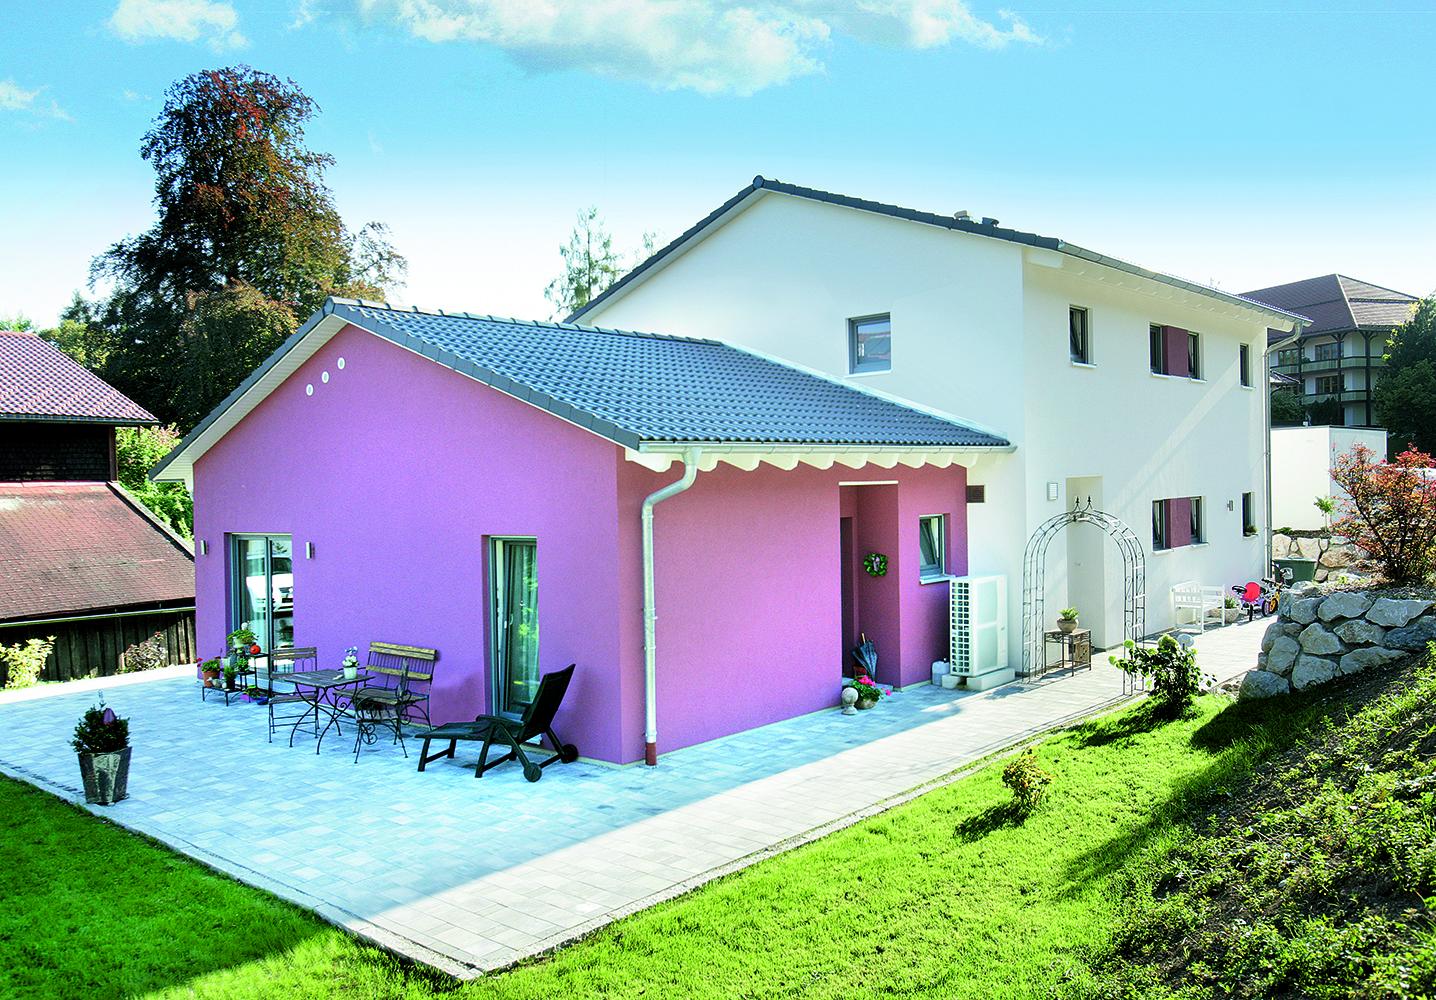 Baupaare Berichten Familie Petry Siegsdorf Fischerhaus